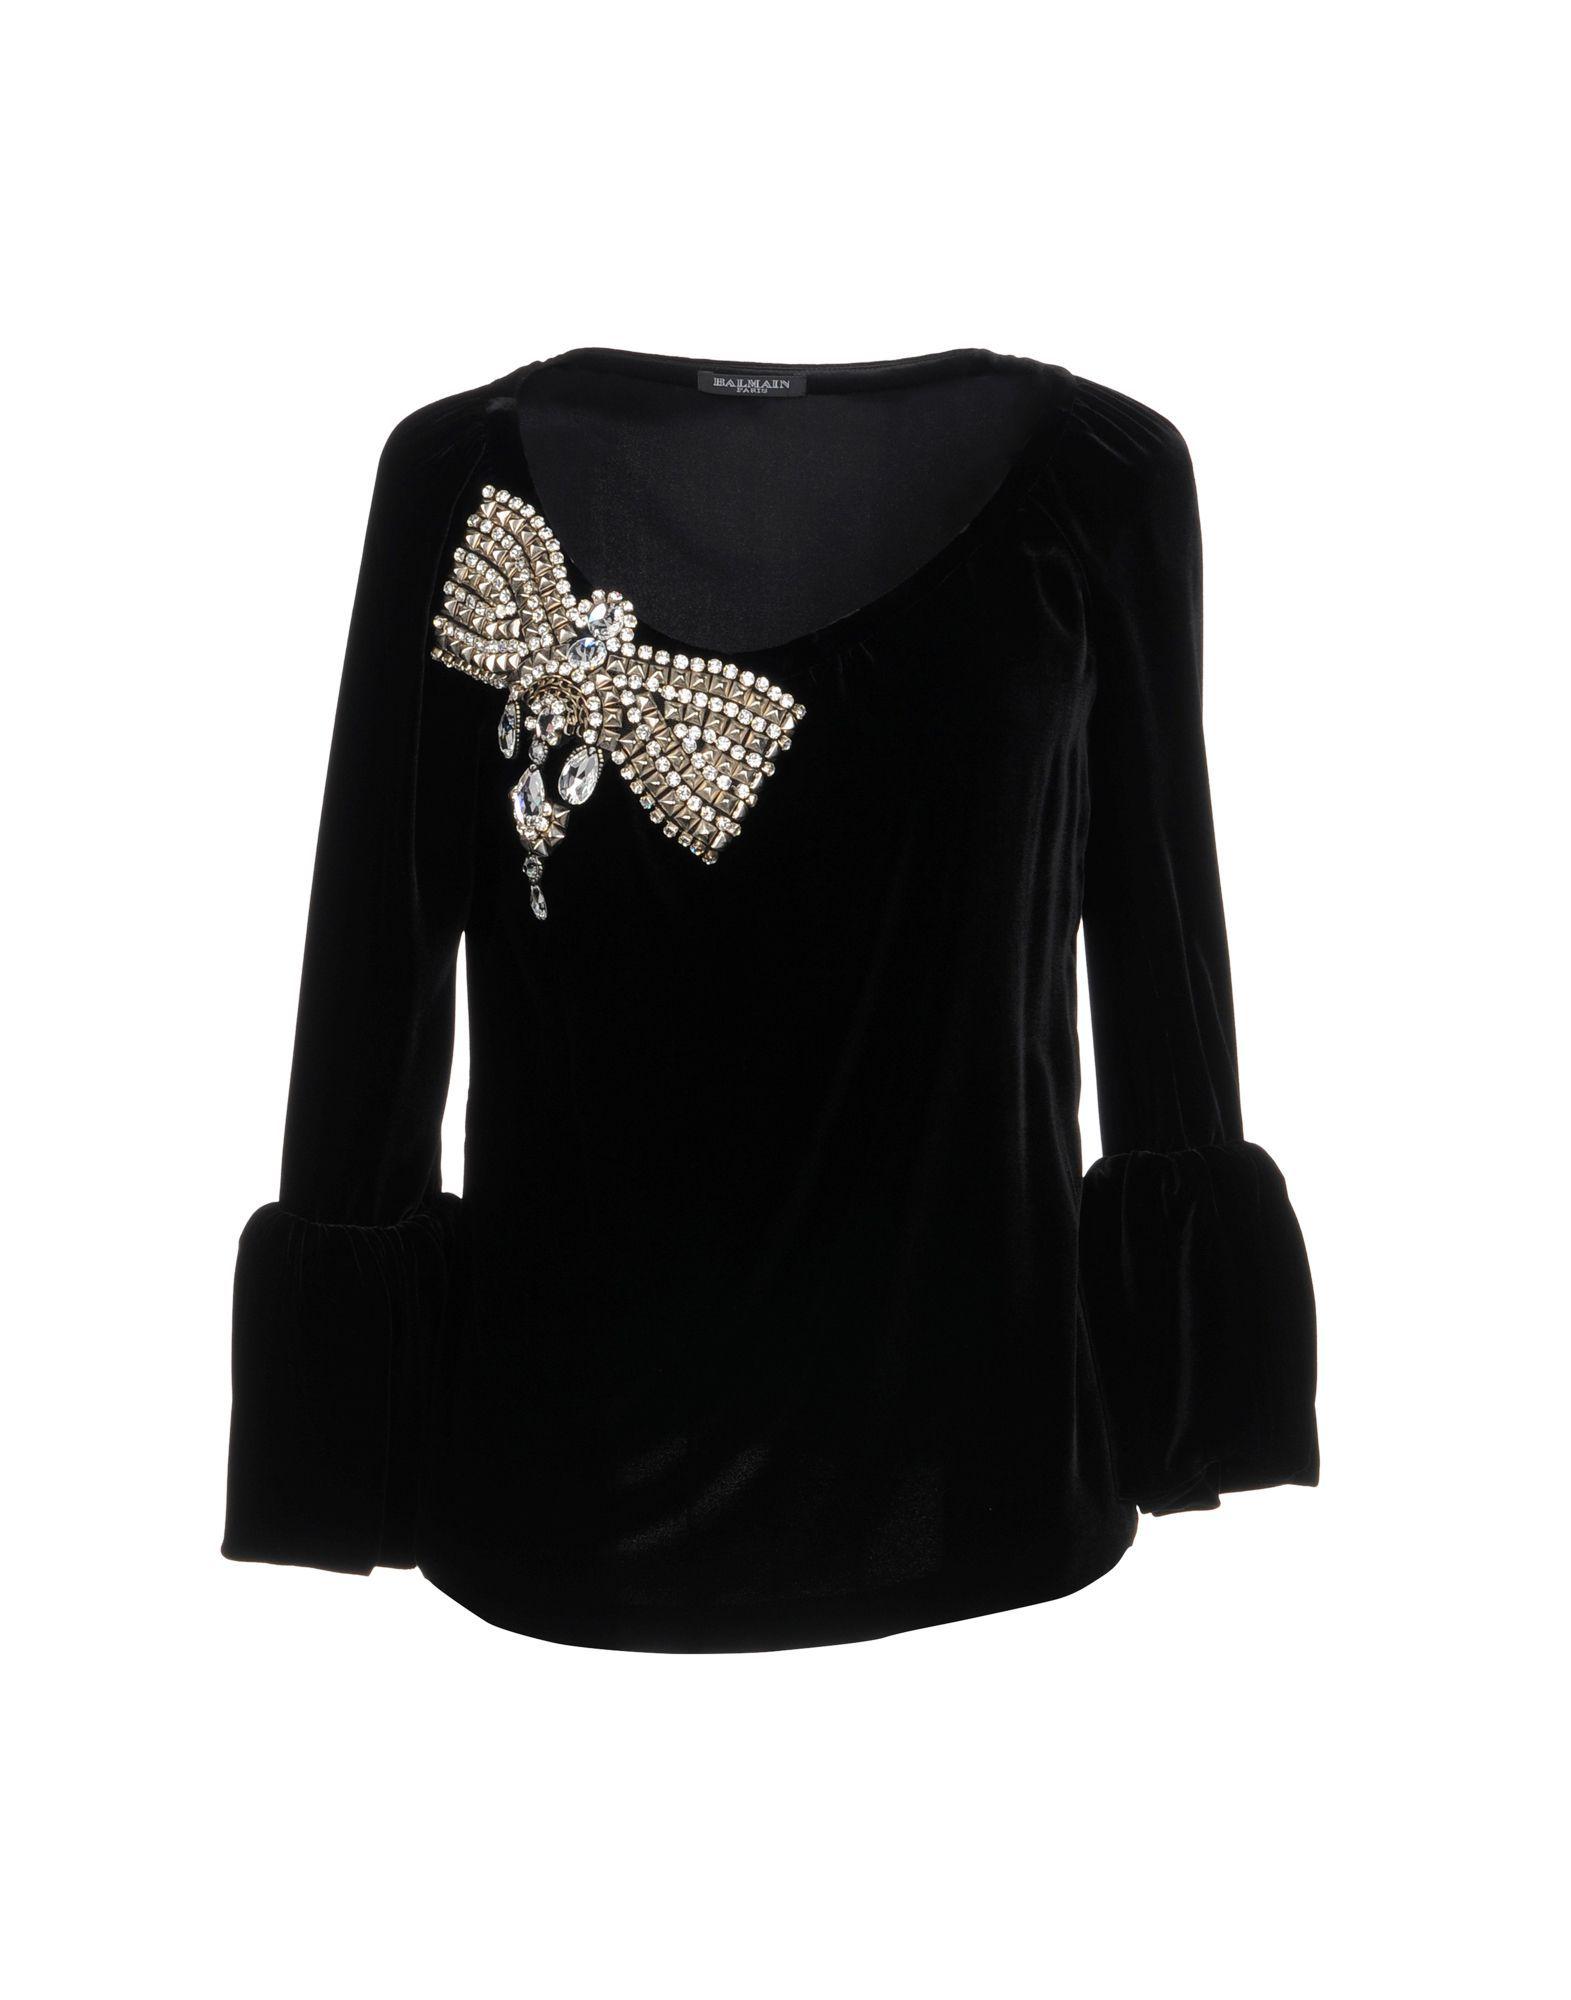 Balmain Black Chenille And Rhinestones Shirt